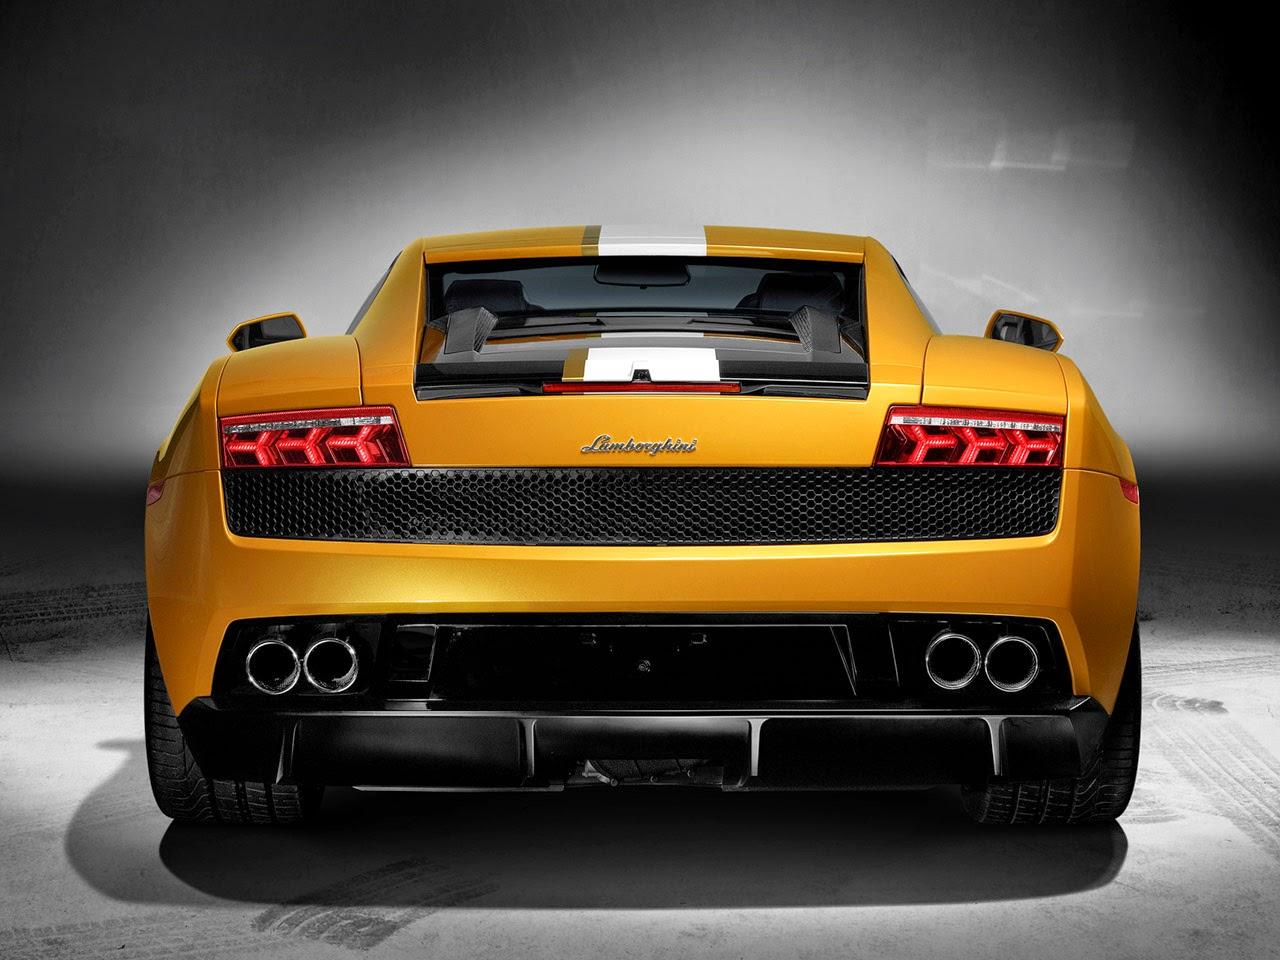 Wallpaper Mobil Lamborghini Modifikasi  Ottomania86